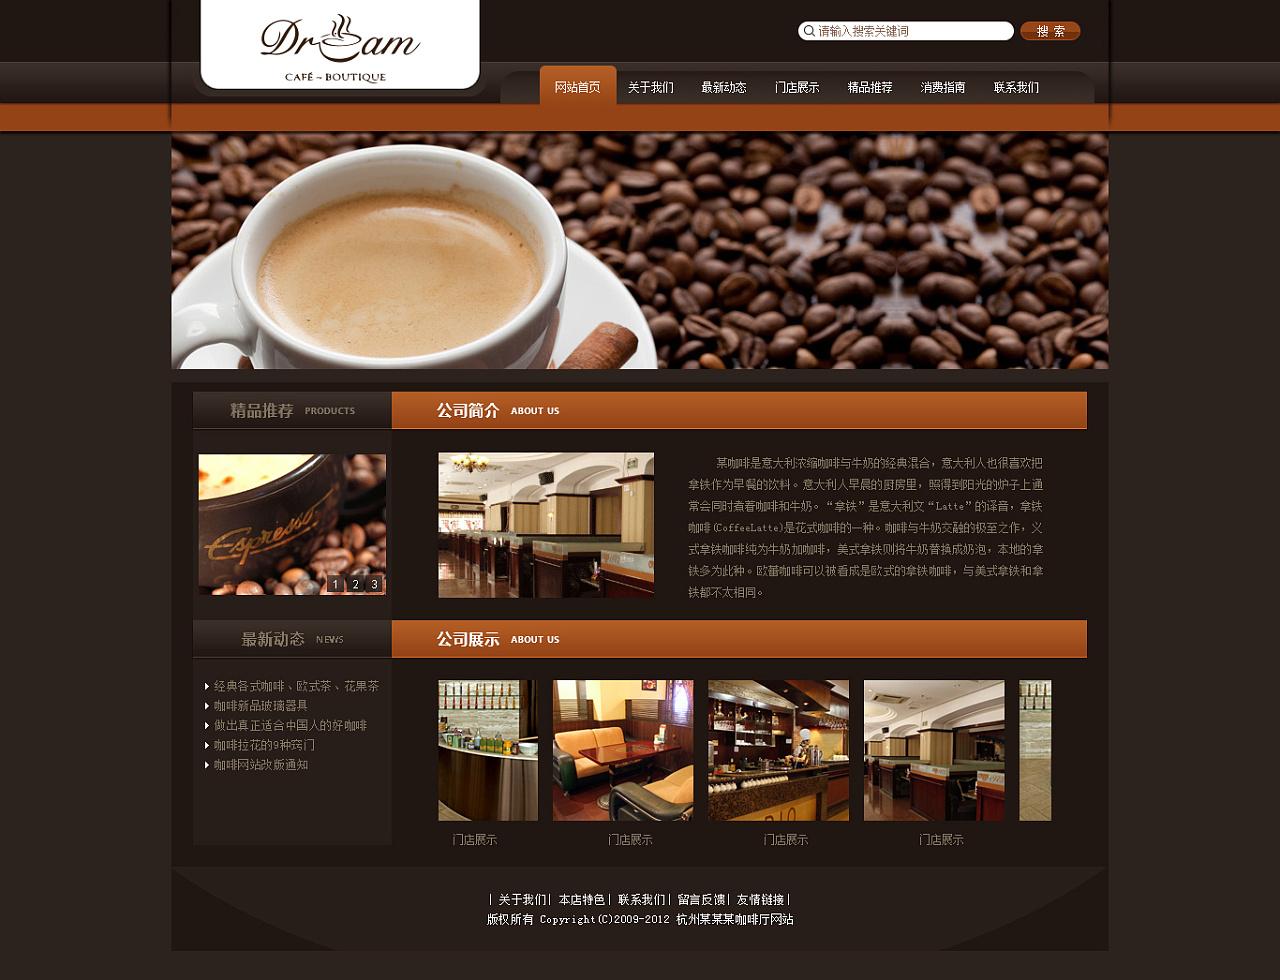 网页使用v网页排版混凝土的建筑设计大师图片